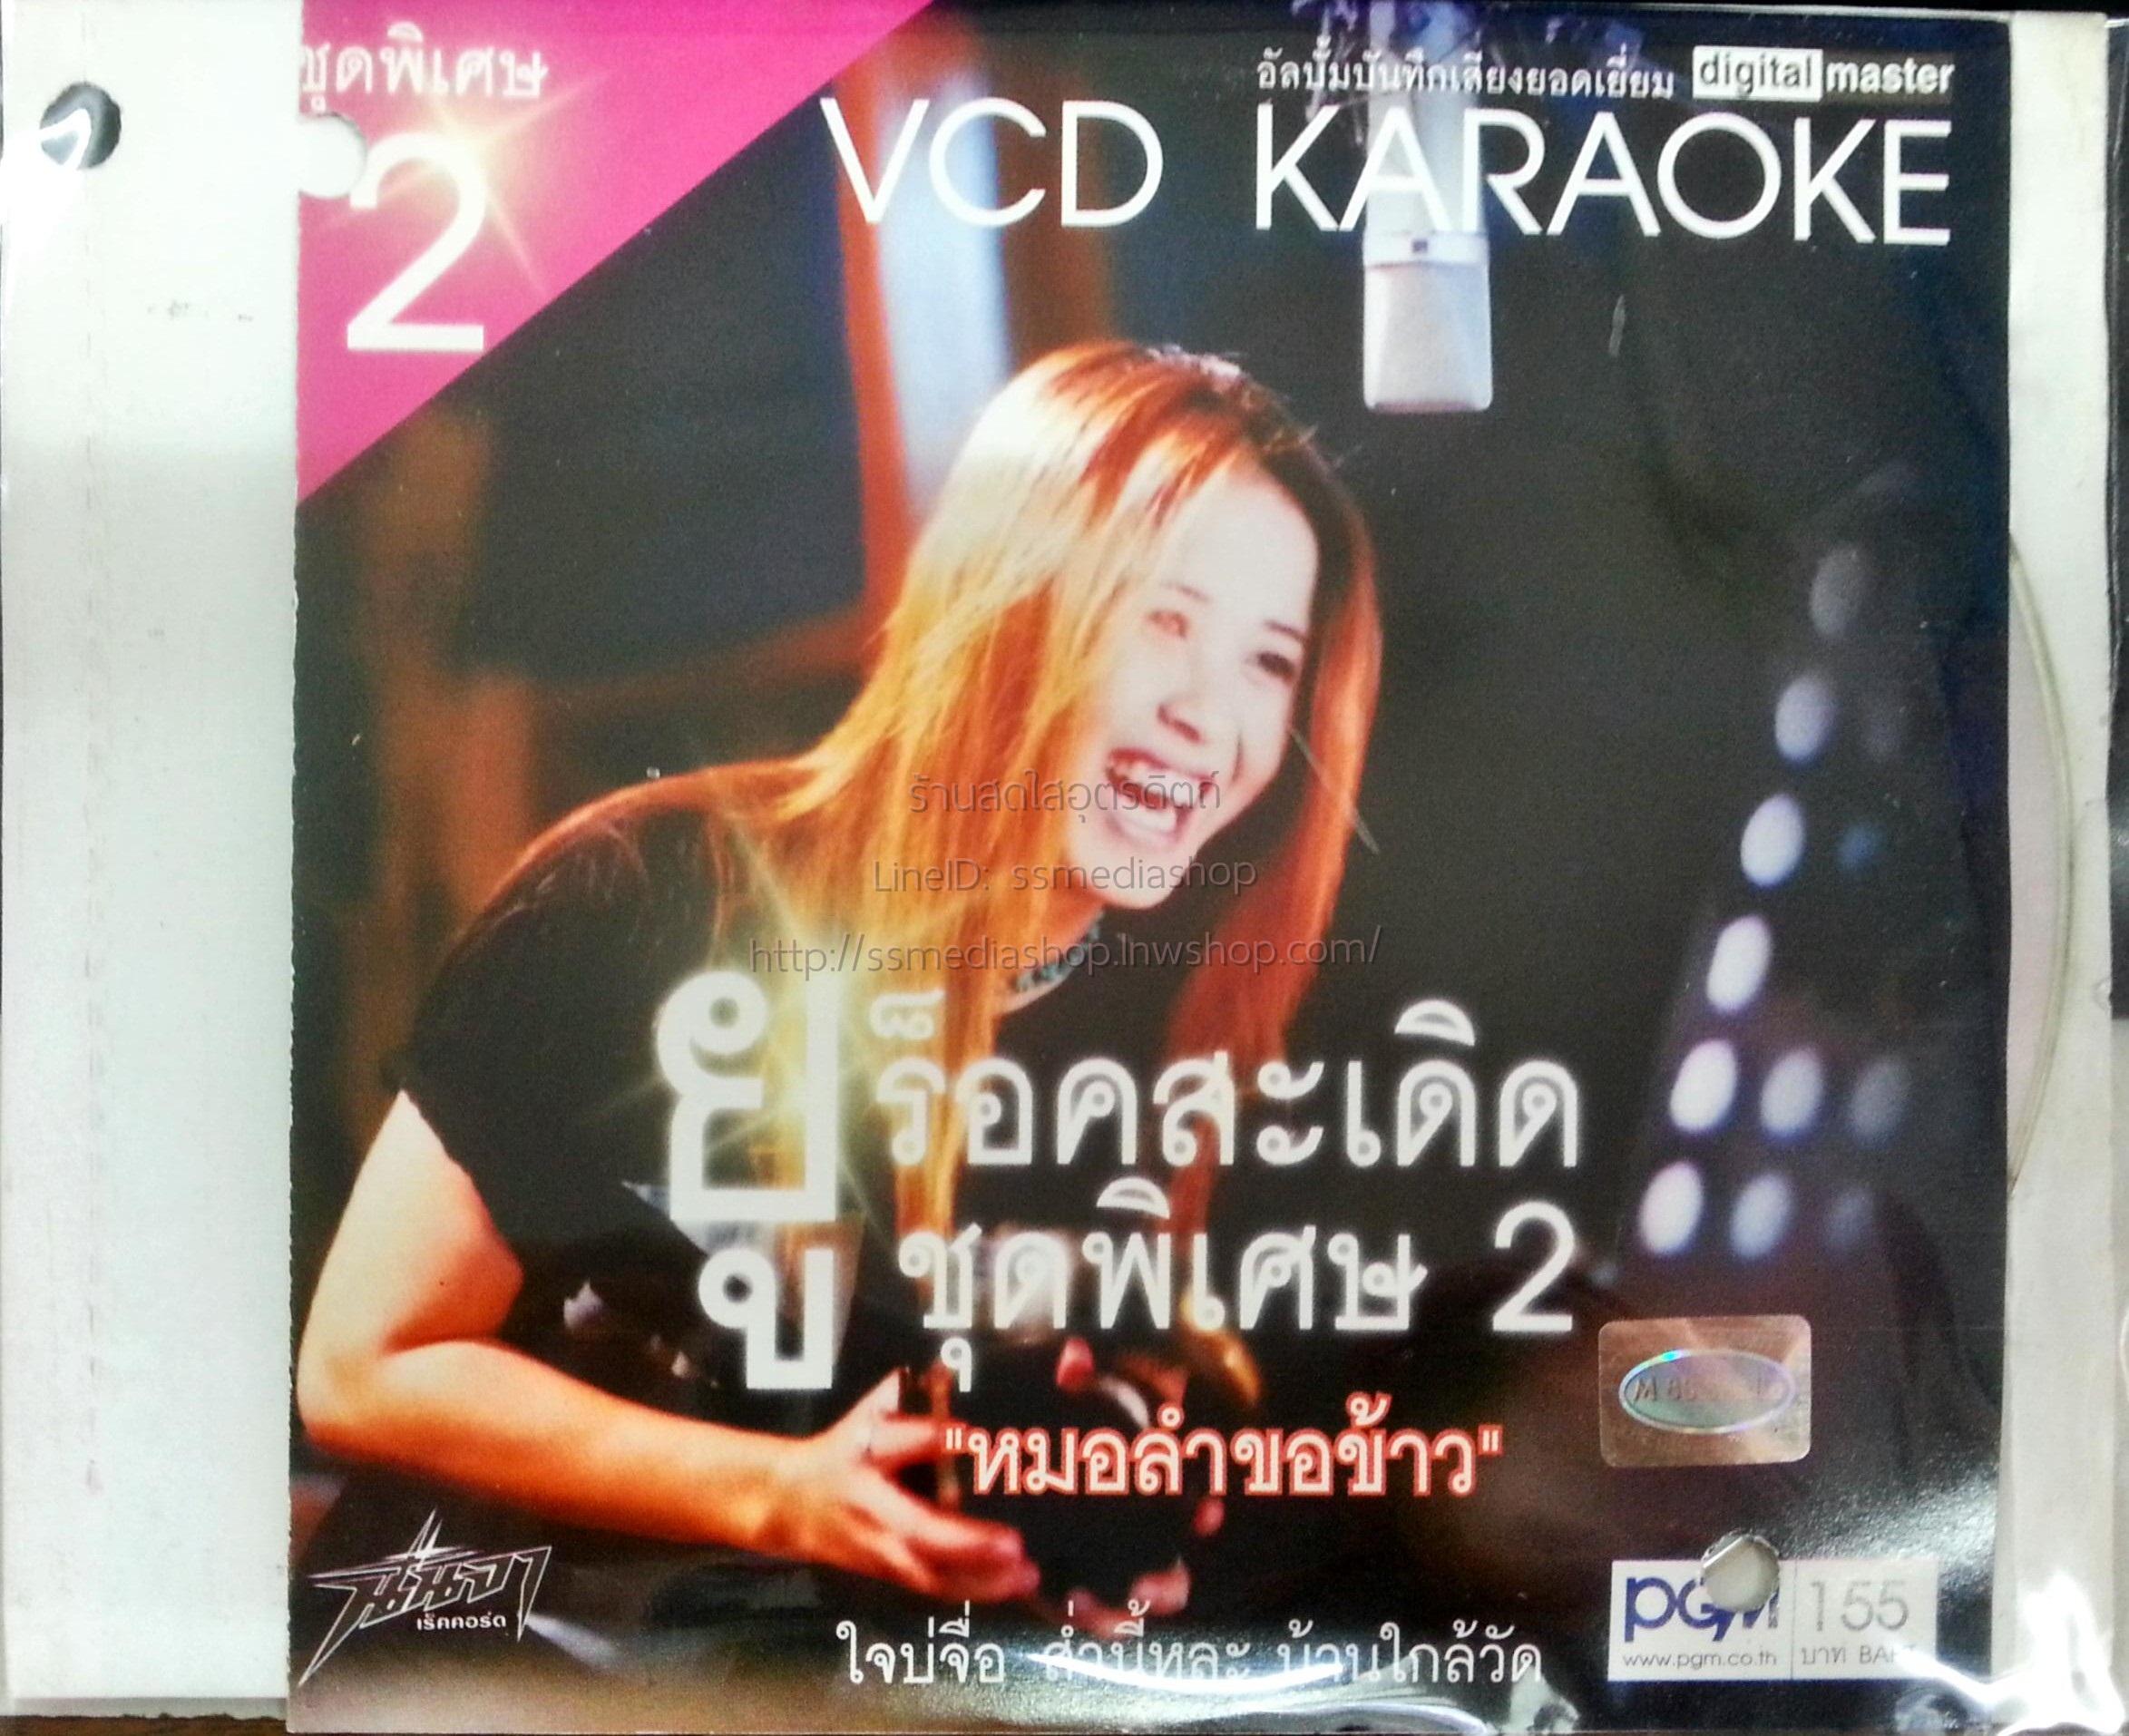 VCD ยู ร็อคสะเดิด ชุดพิเศษ2 หมอลำขอข้าว